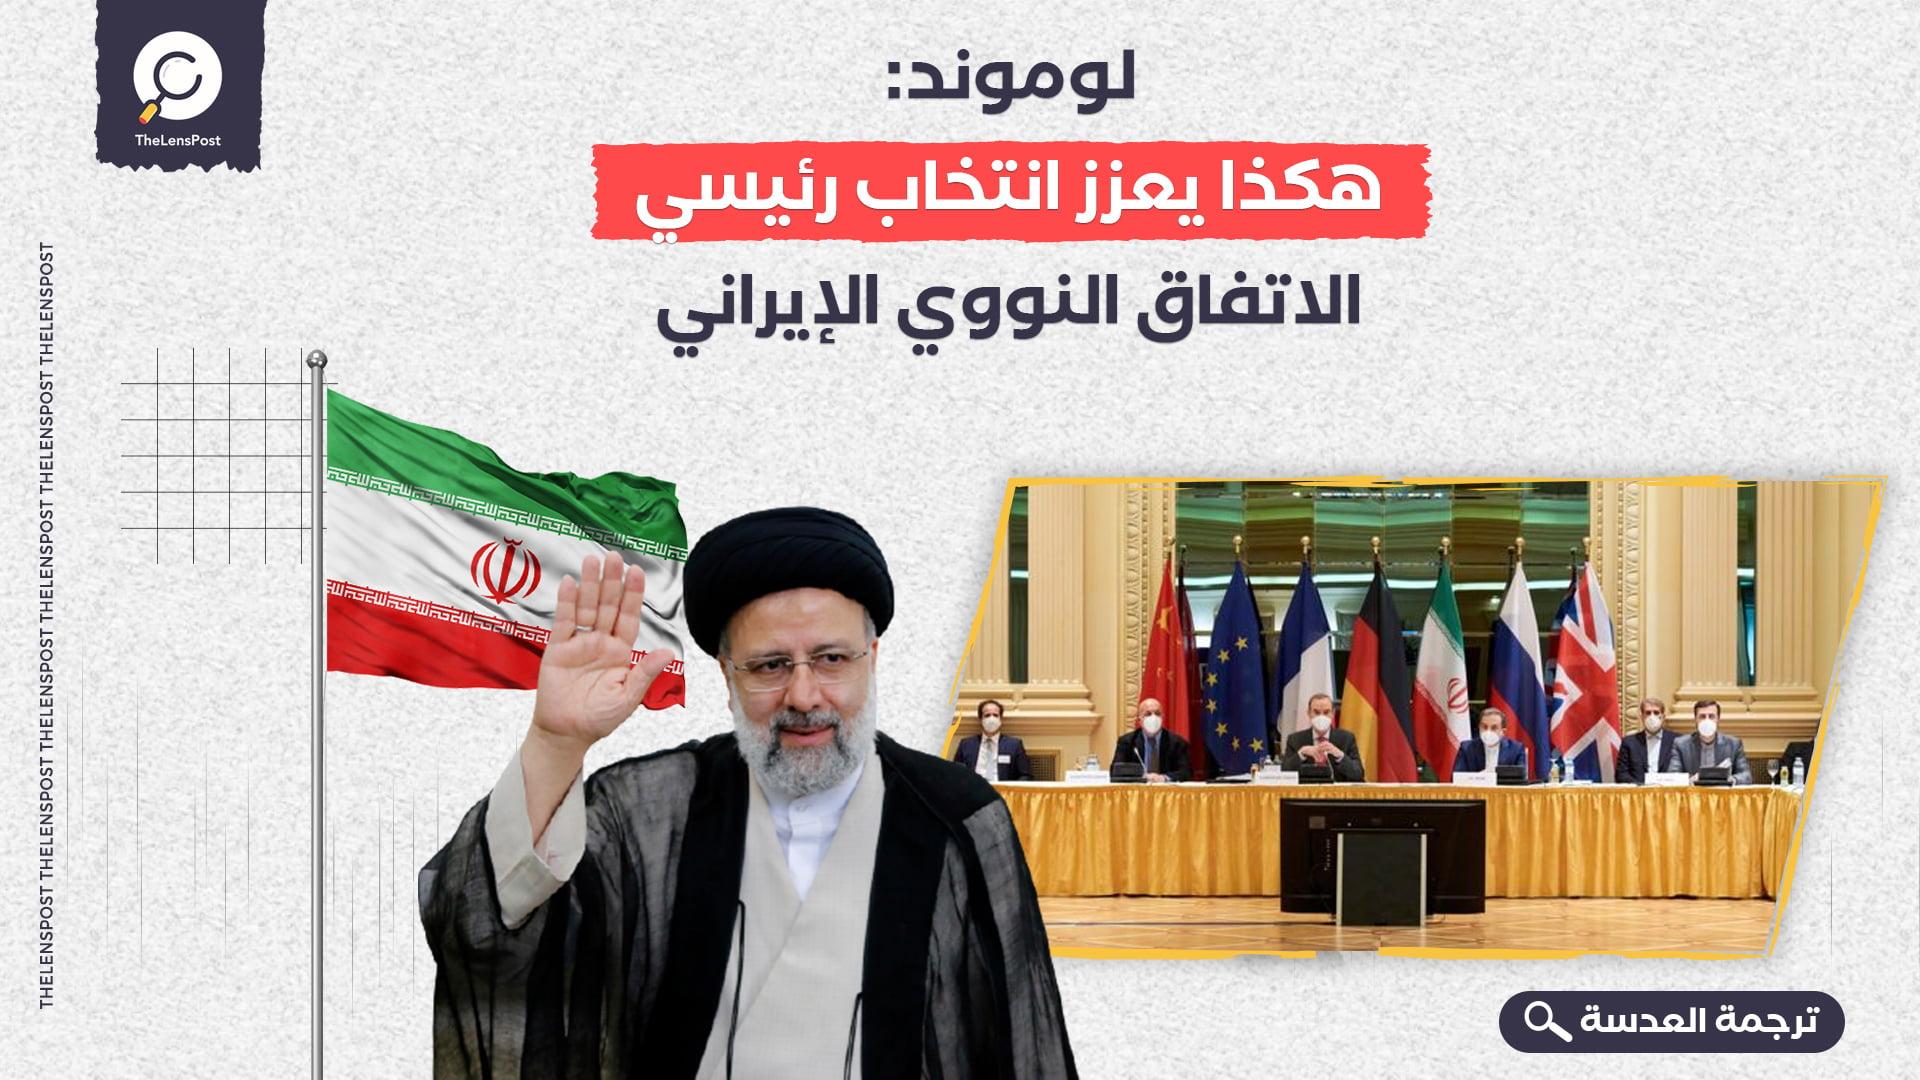 لوموند: هكذا يعزز انتخاب رئيسي الاتفاق النووي الإيراني